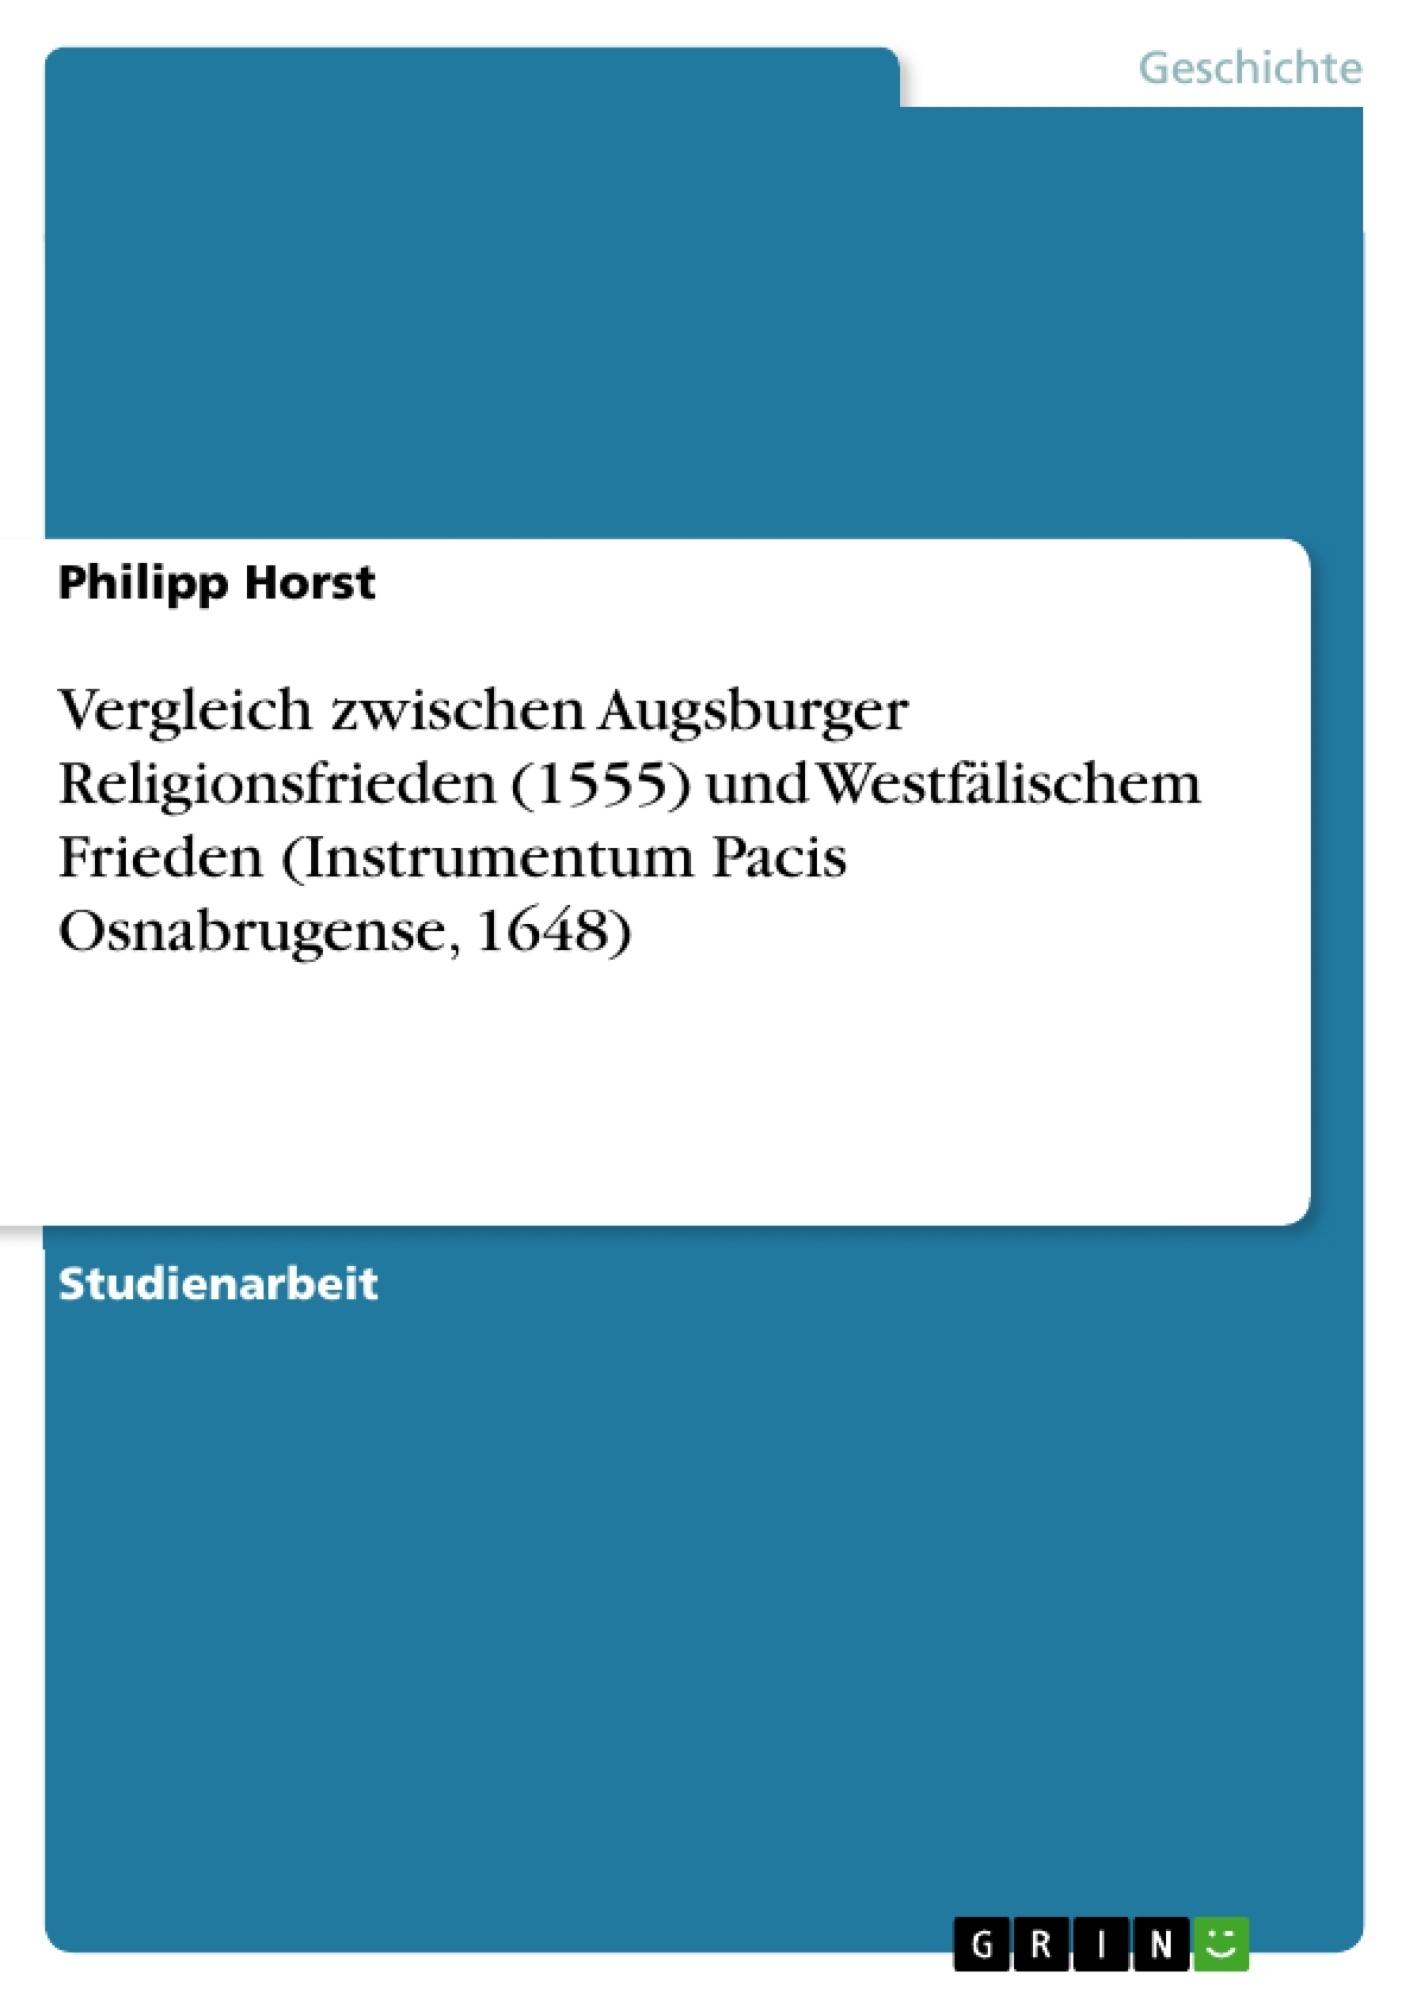 Titel: Vergleich zwischen Augsburger Religionsfrieden (1555) und Westfälischem Frieden (Instrumentum Pacis Osnabrugense, 1648)